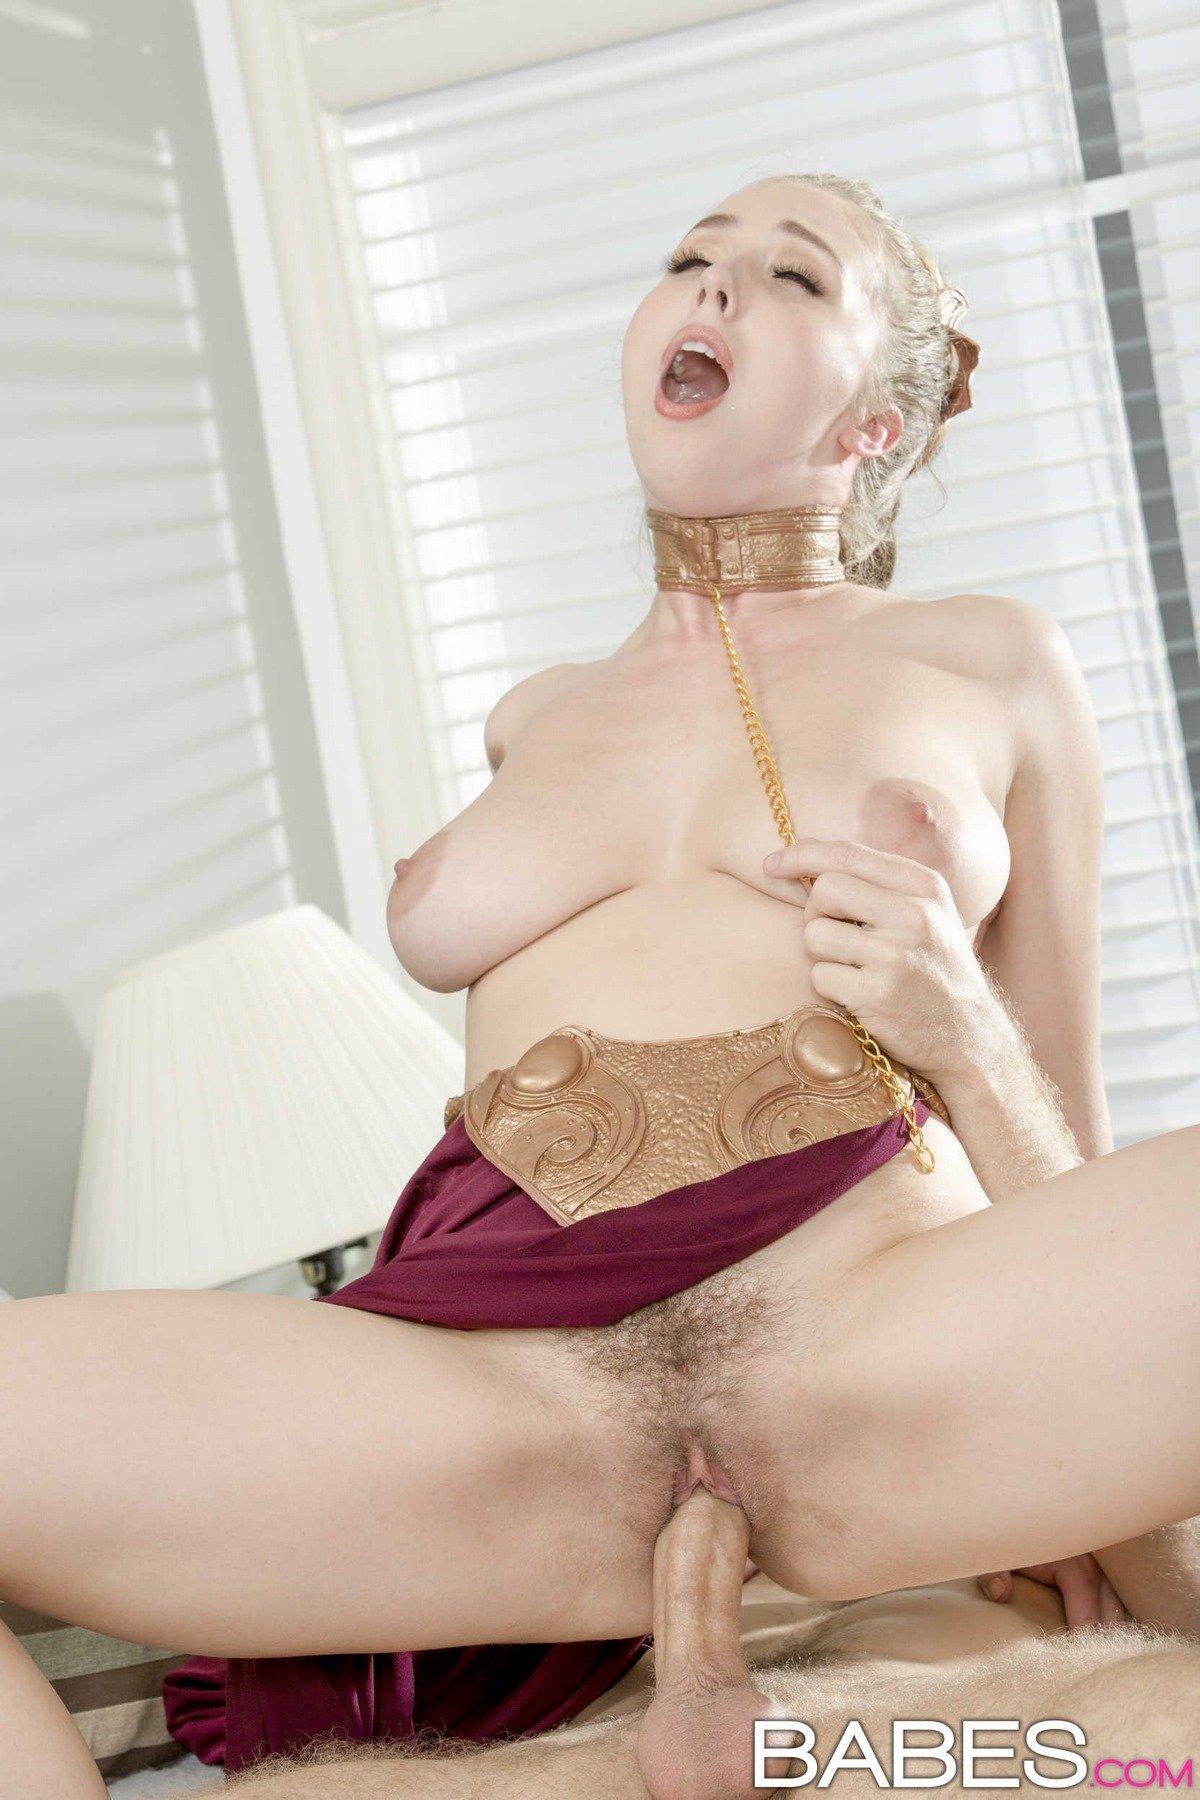 Красивые фото секса блондинки в соблазнительном наряде